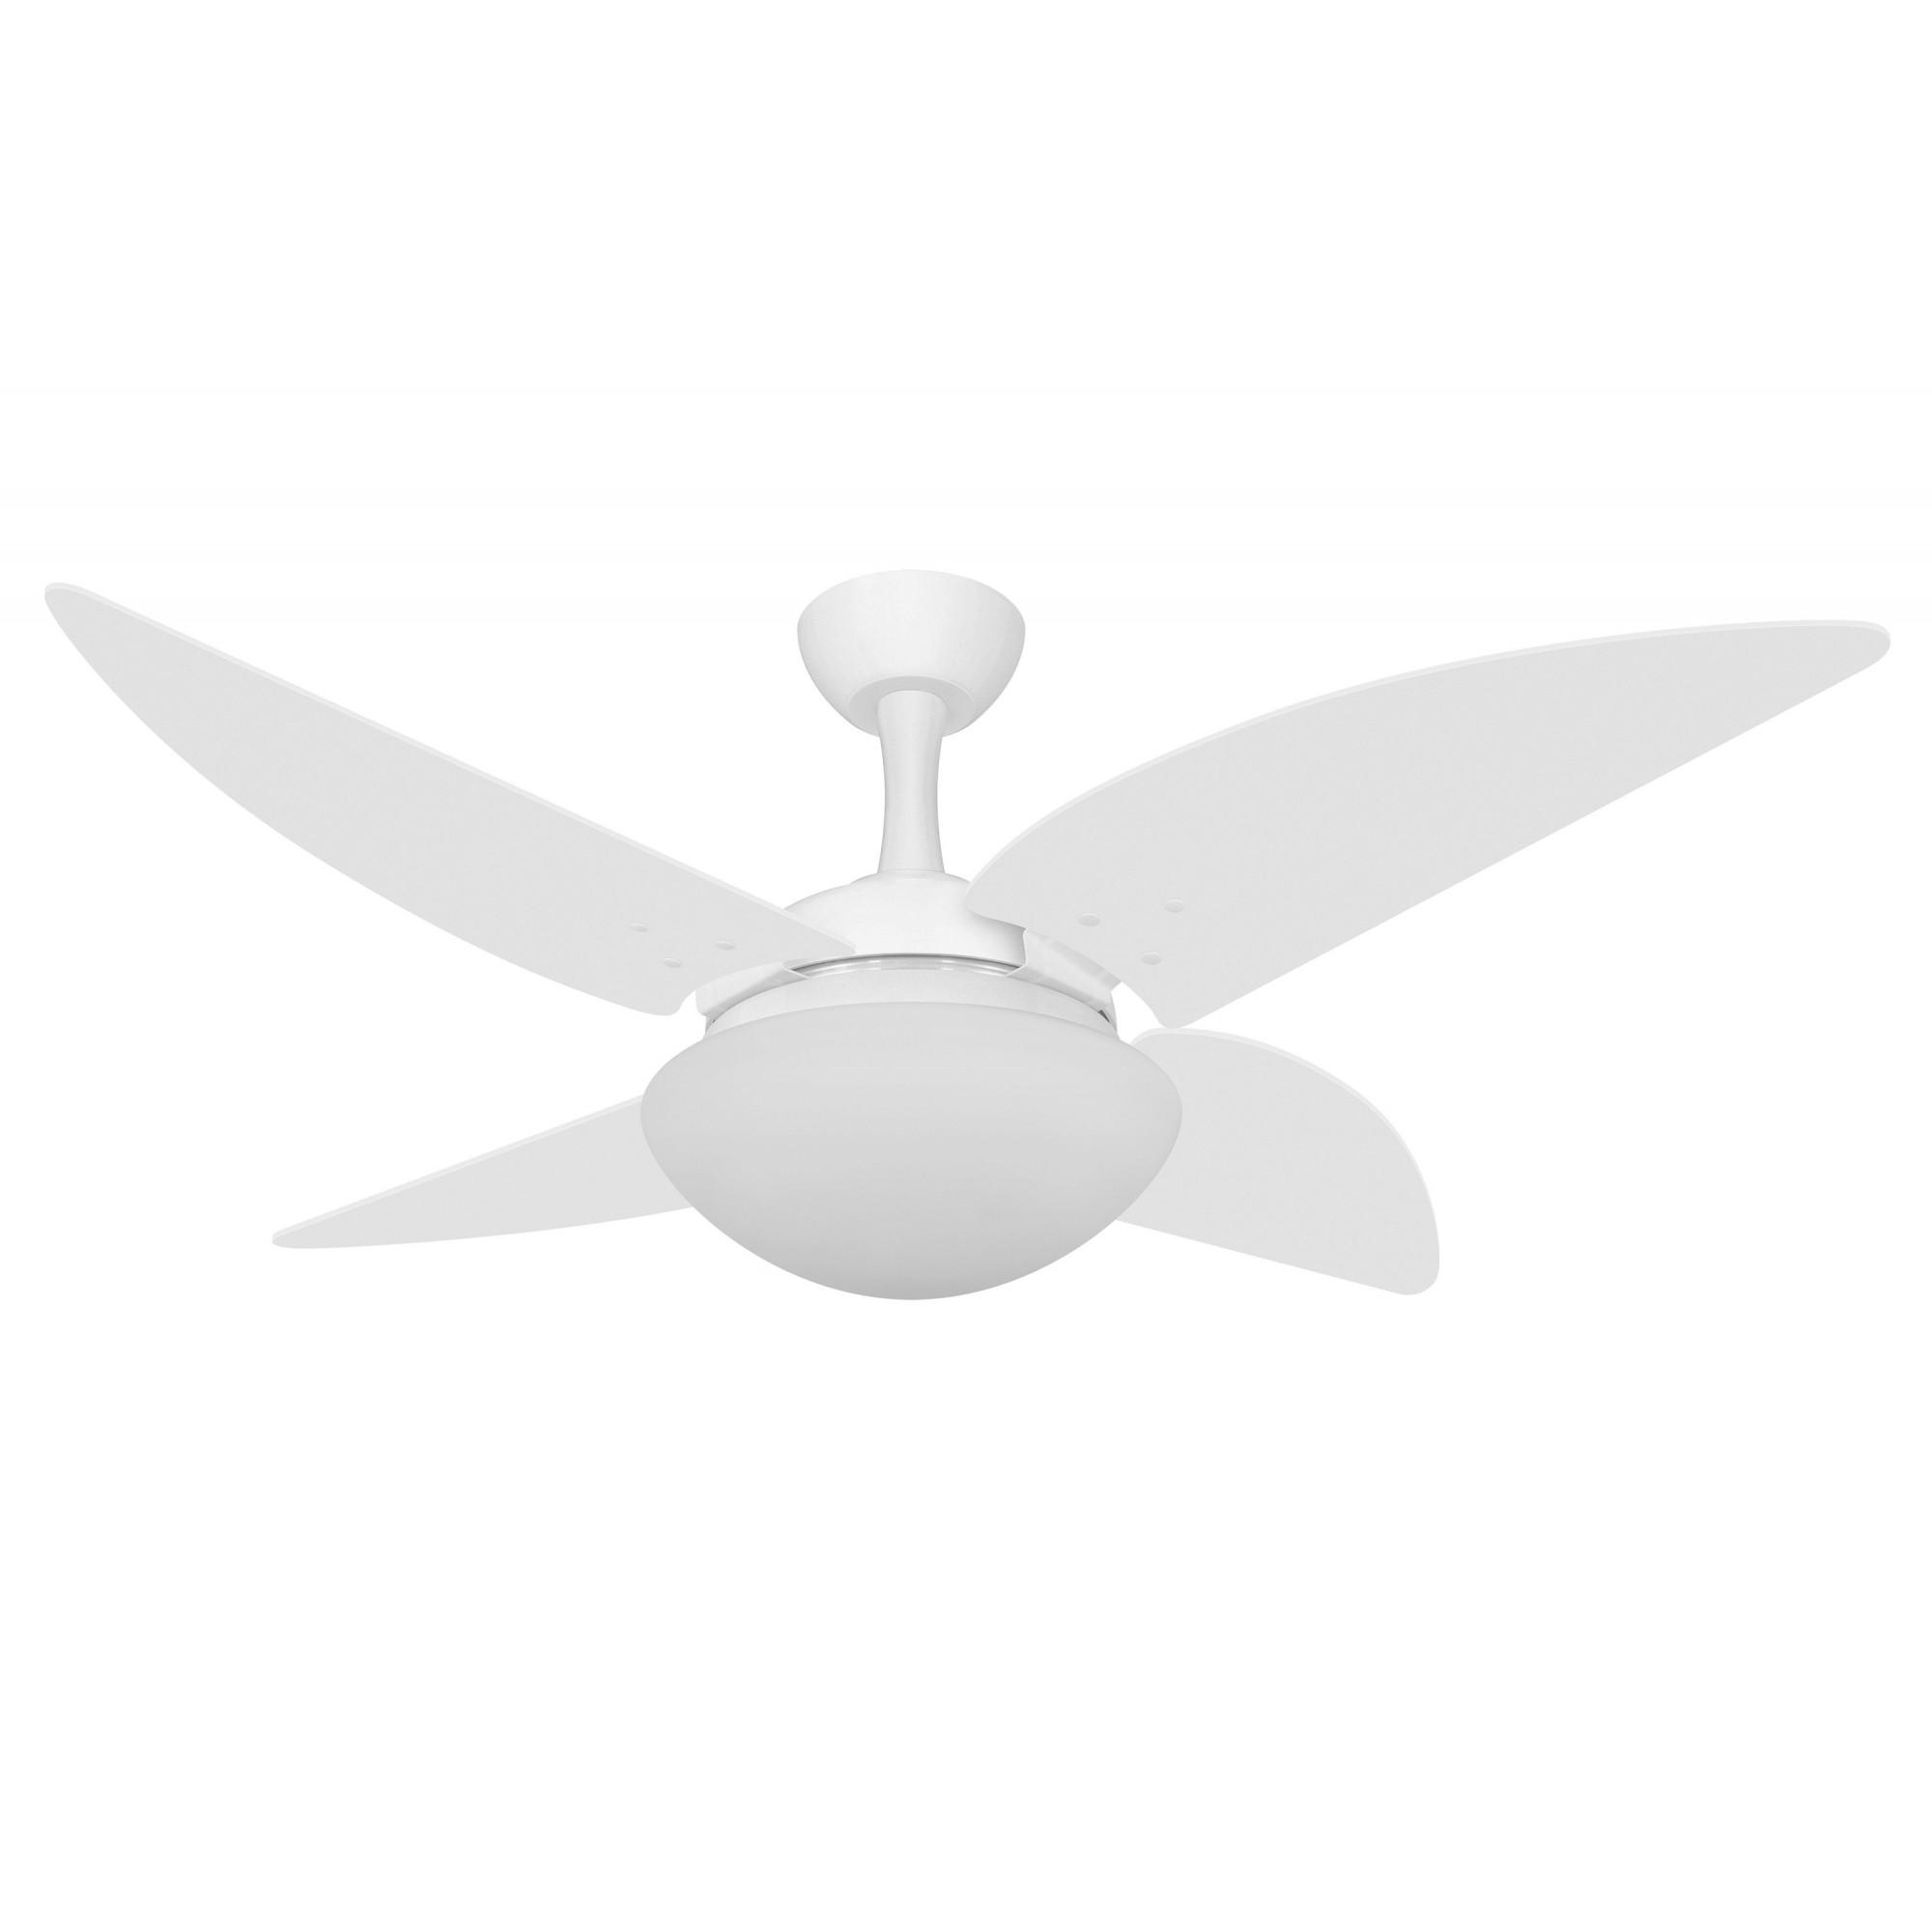 Ventilador de Teto Ventax Due Branco 4 Pás de Plastico 220V